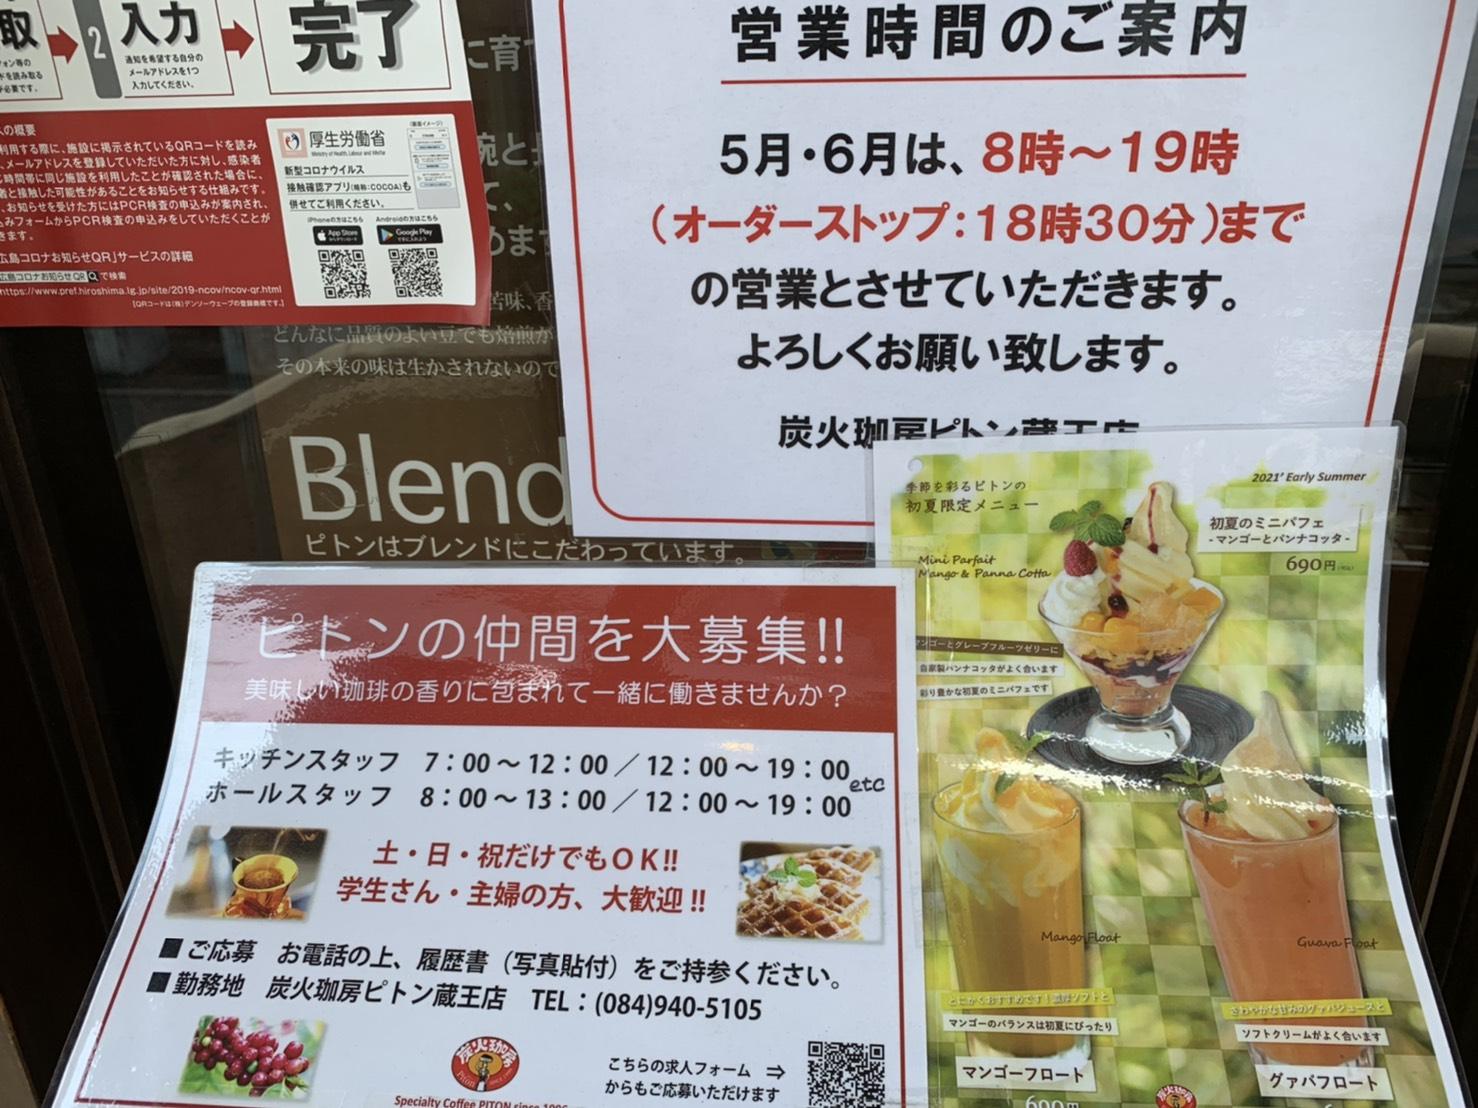 福山ピトンメニュー表